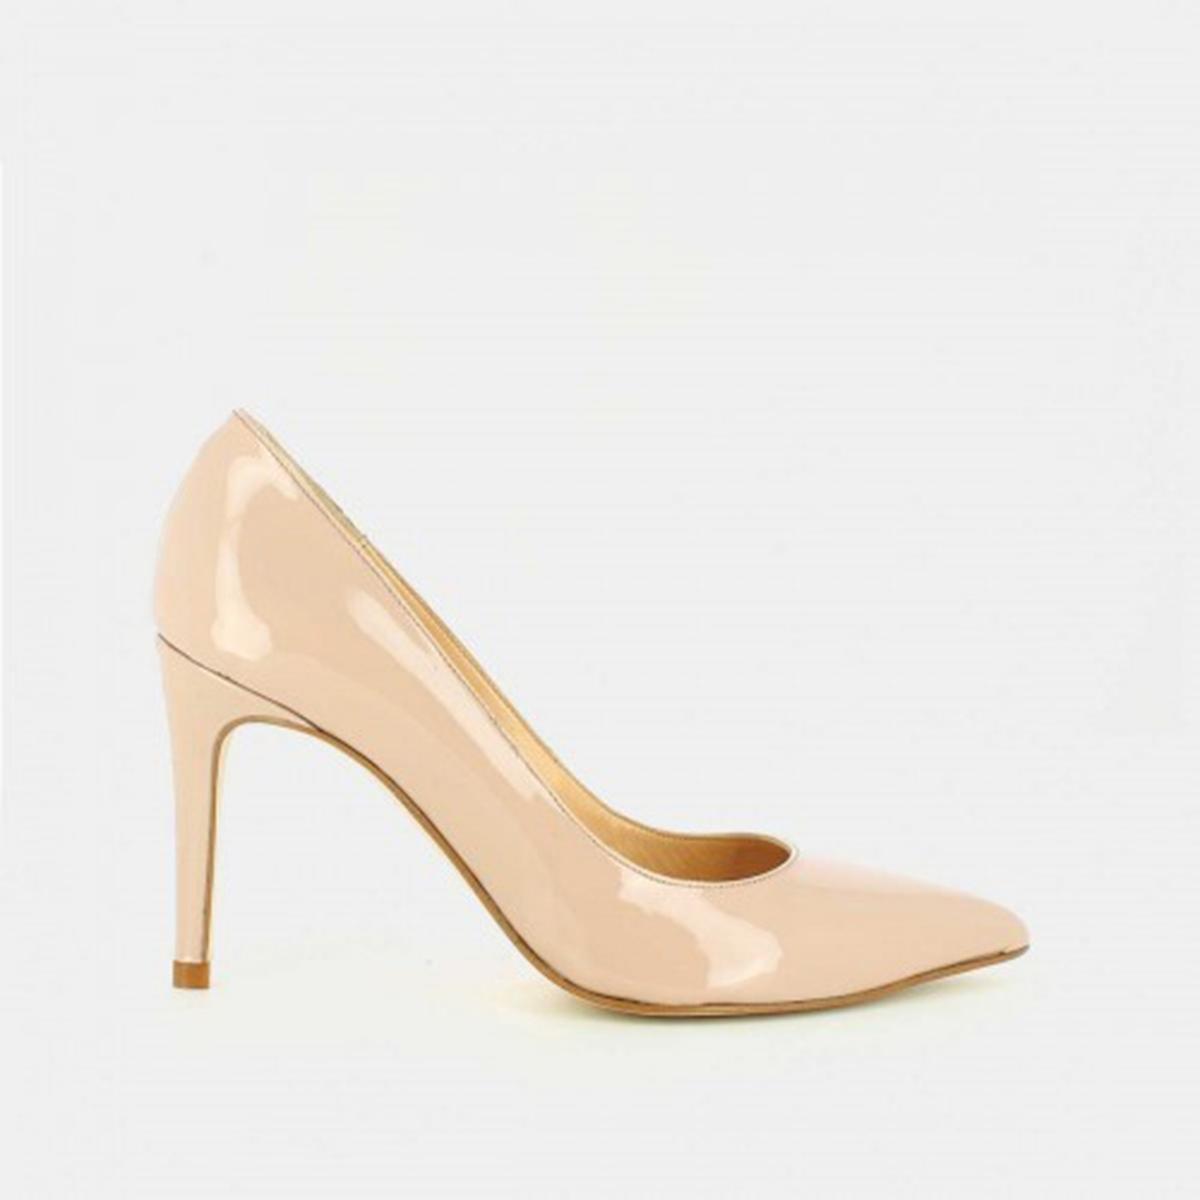 Туфли кожаные лакированные AlaricВерх : Кожа.   Подкладка : Кожа.   Стелька : Кожа.   Подошва : эластомер   Высота каблука : 8 см   Форма каблука : шпилька   Мысок : заостренный мысок     Застежка : без застежки<br><br>Цвет: бежевый лак<br>Размер: 39